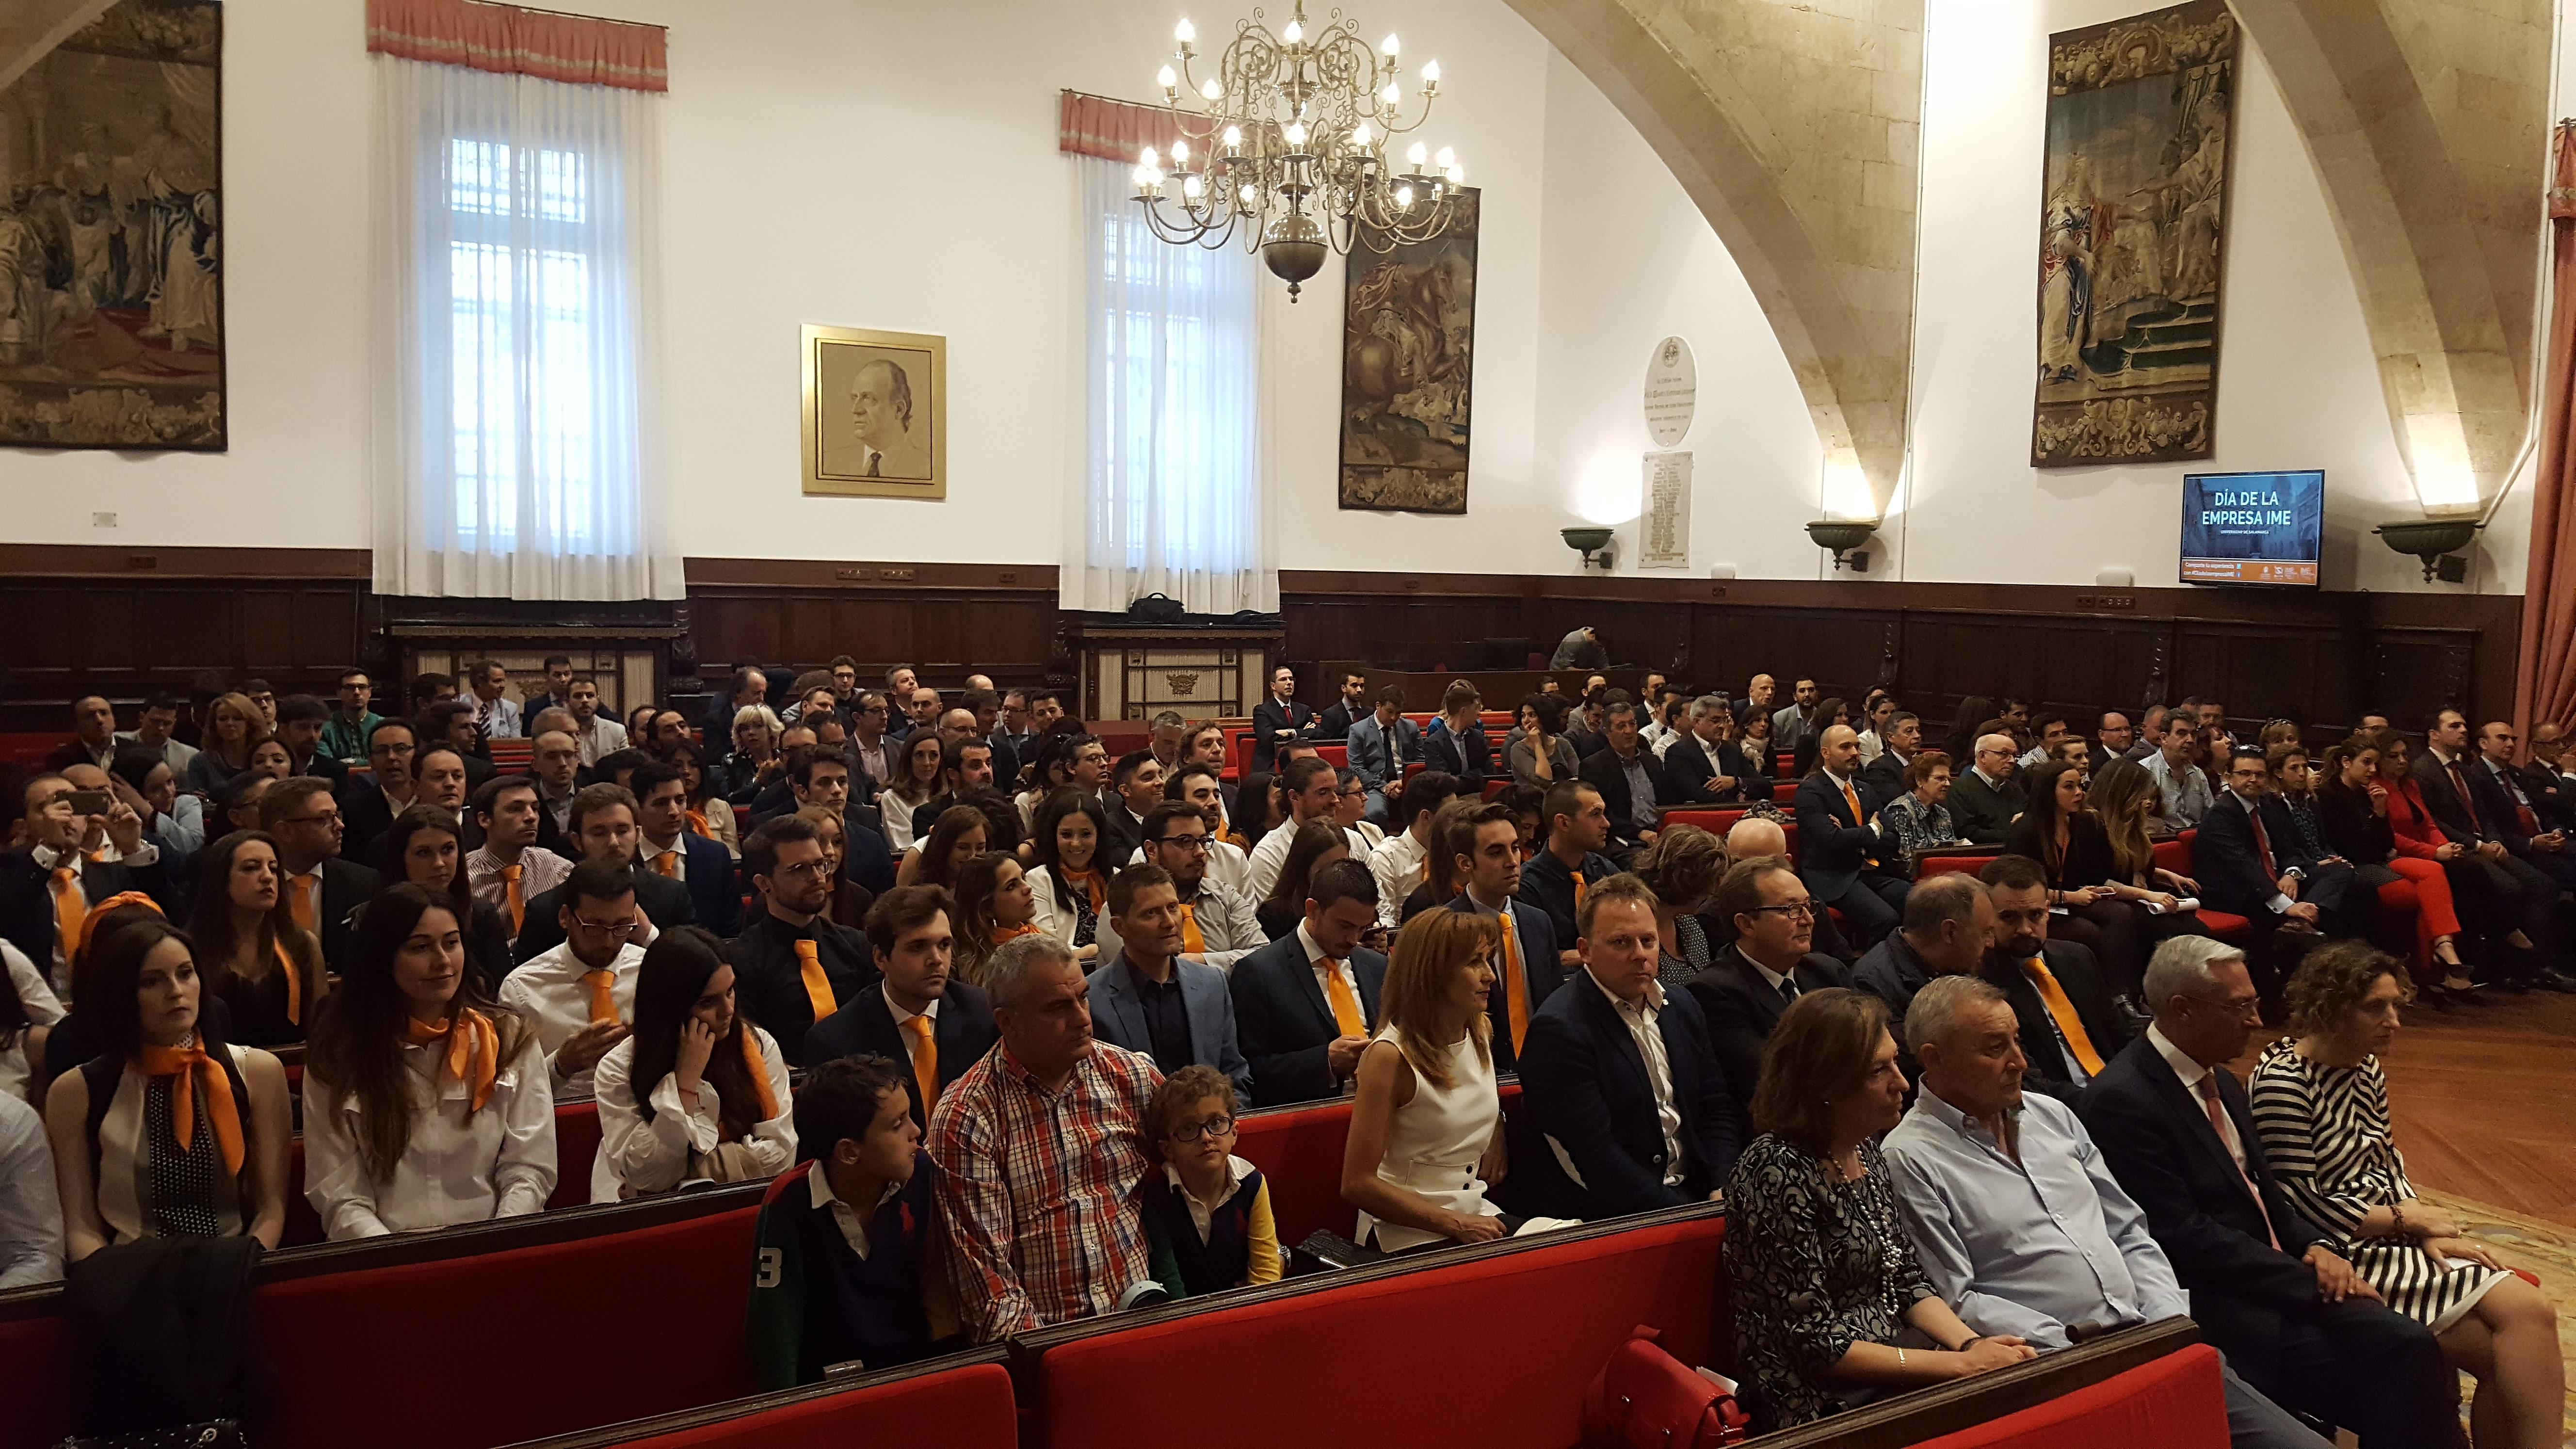 El rector de la Universidad de Salamanca preside en las Escuelas Mayores al acto del 'III Día de la Empresa IME'